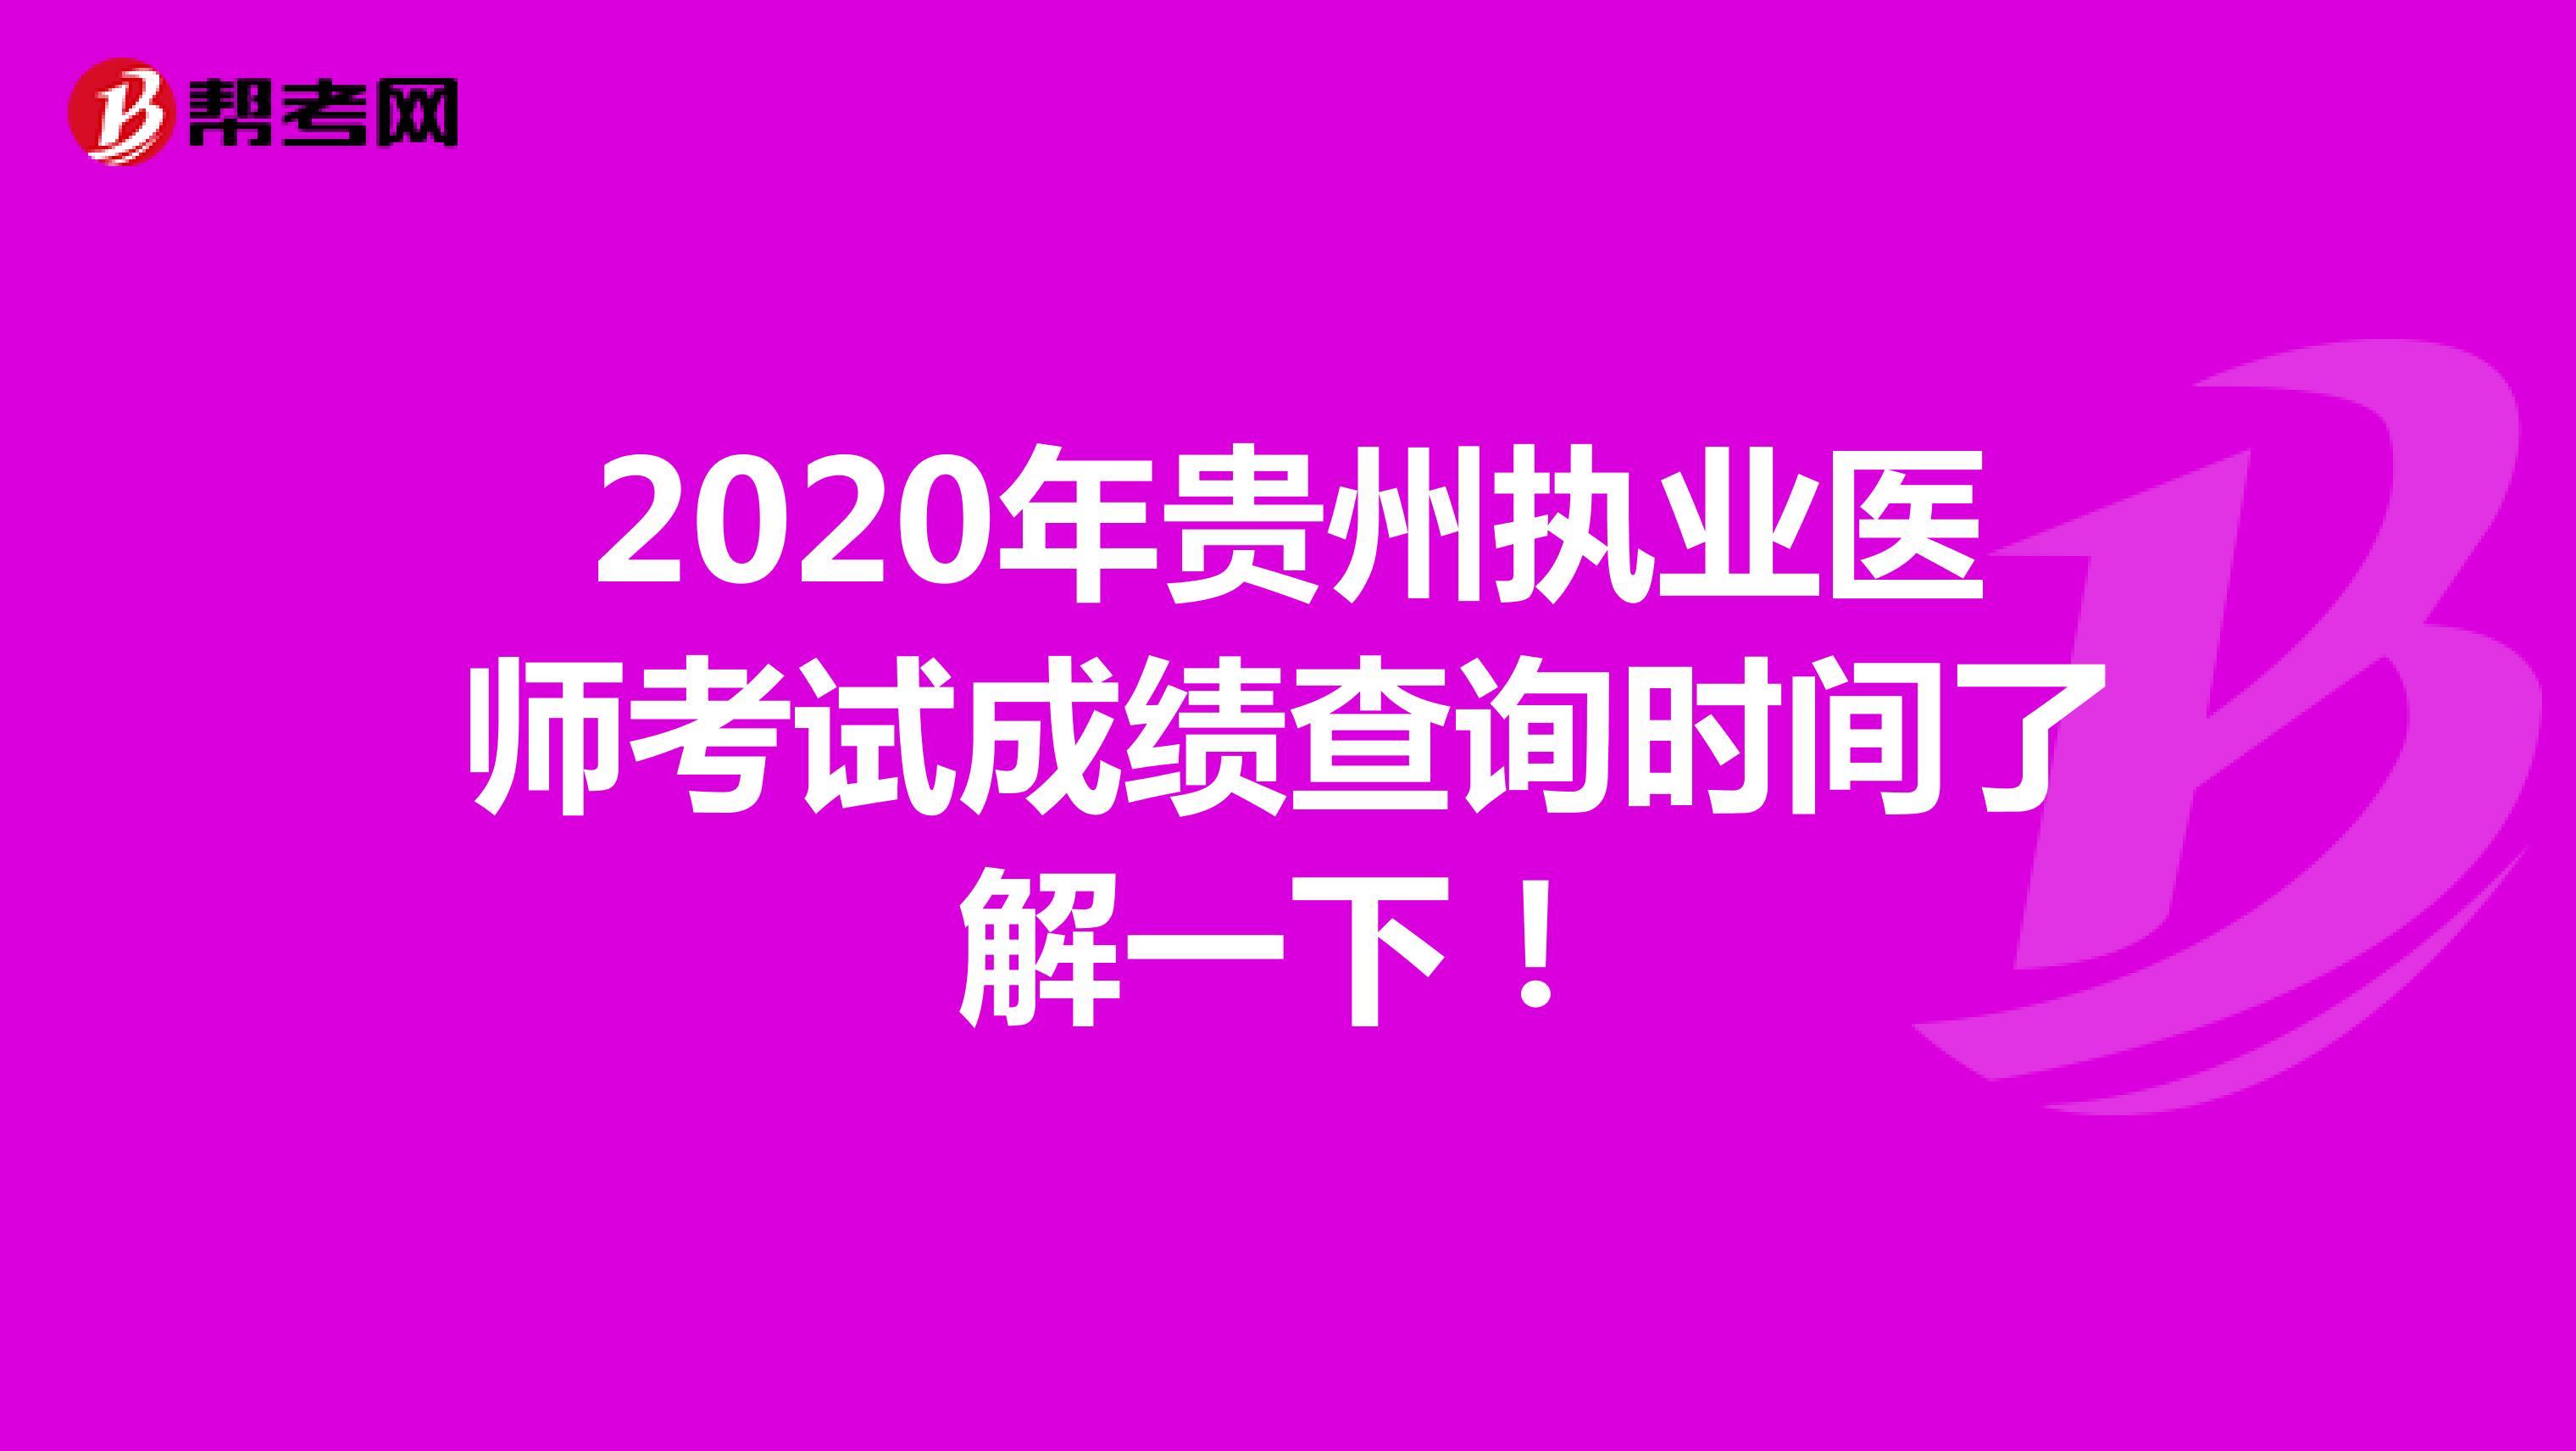 2020年贵州执业医师考试成绩查询时间了解一下!